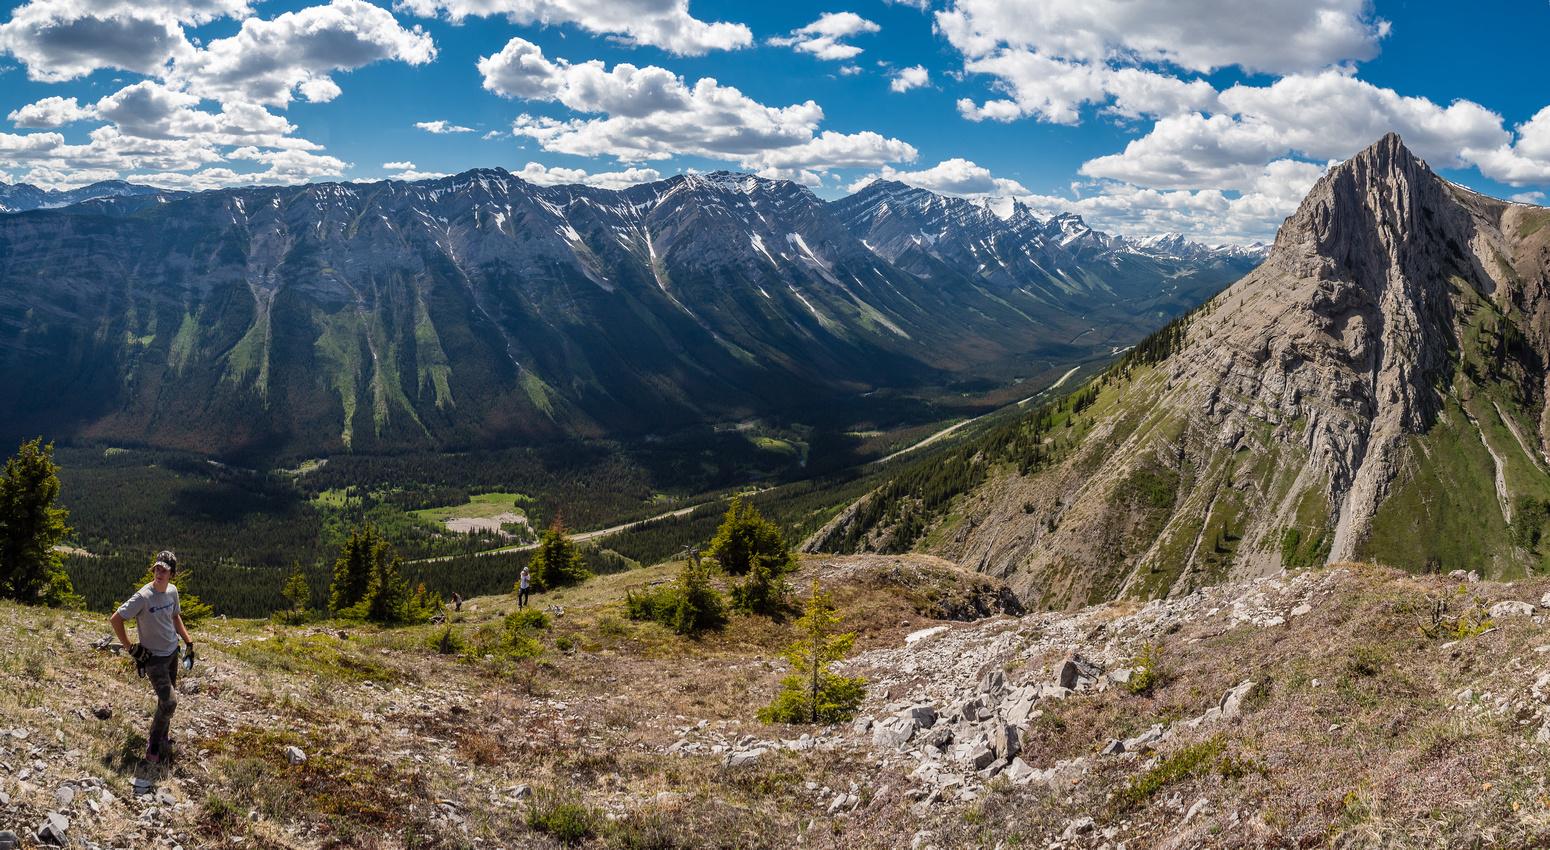 Excellent views to the Kananaskis Range.